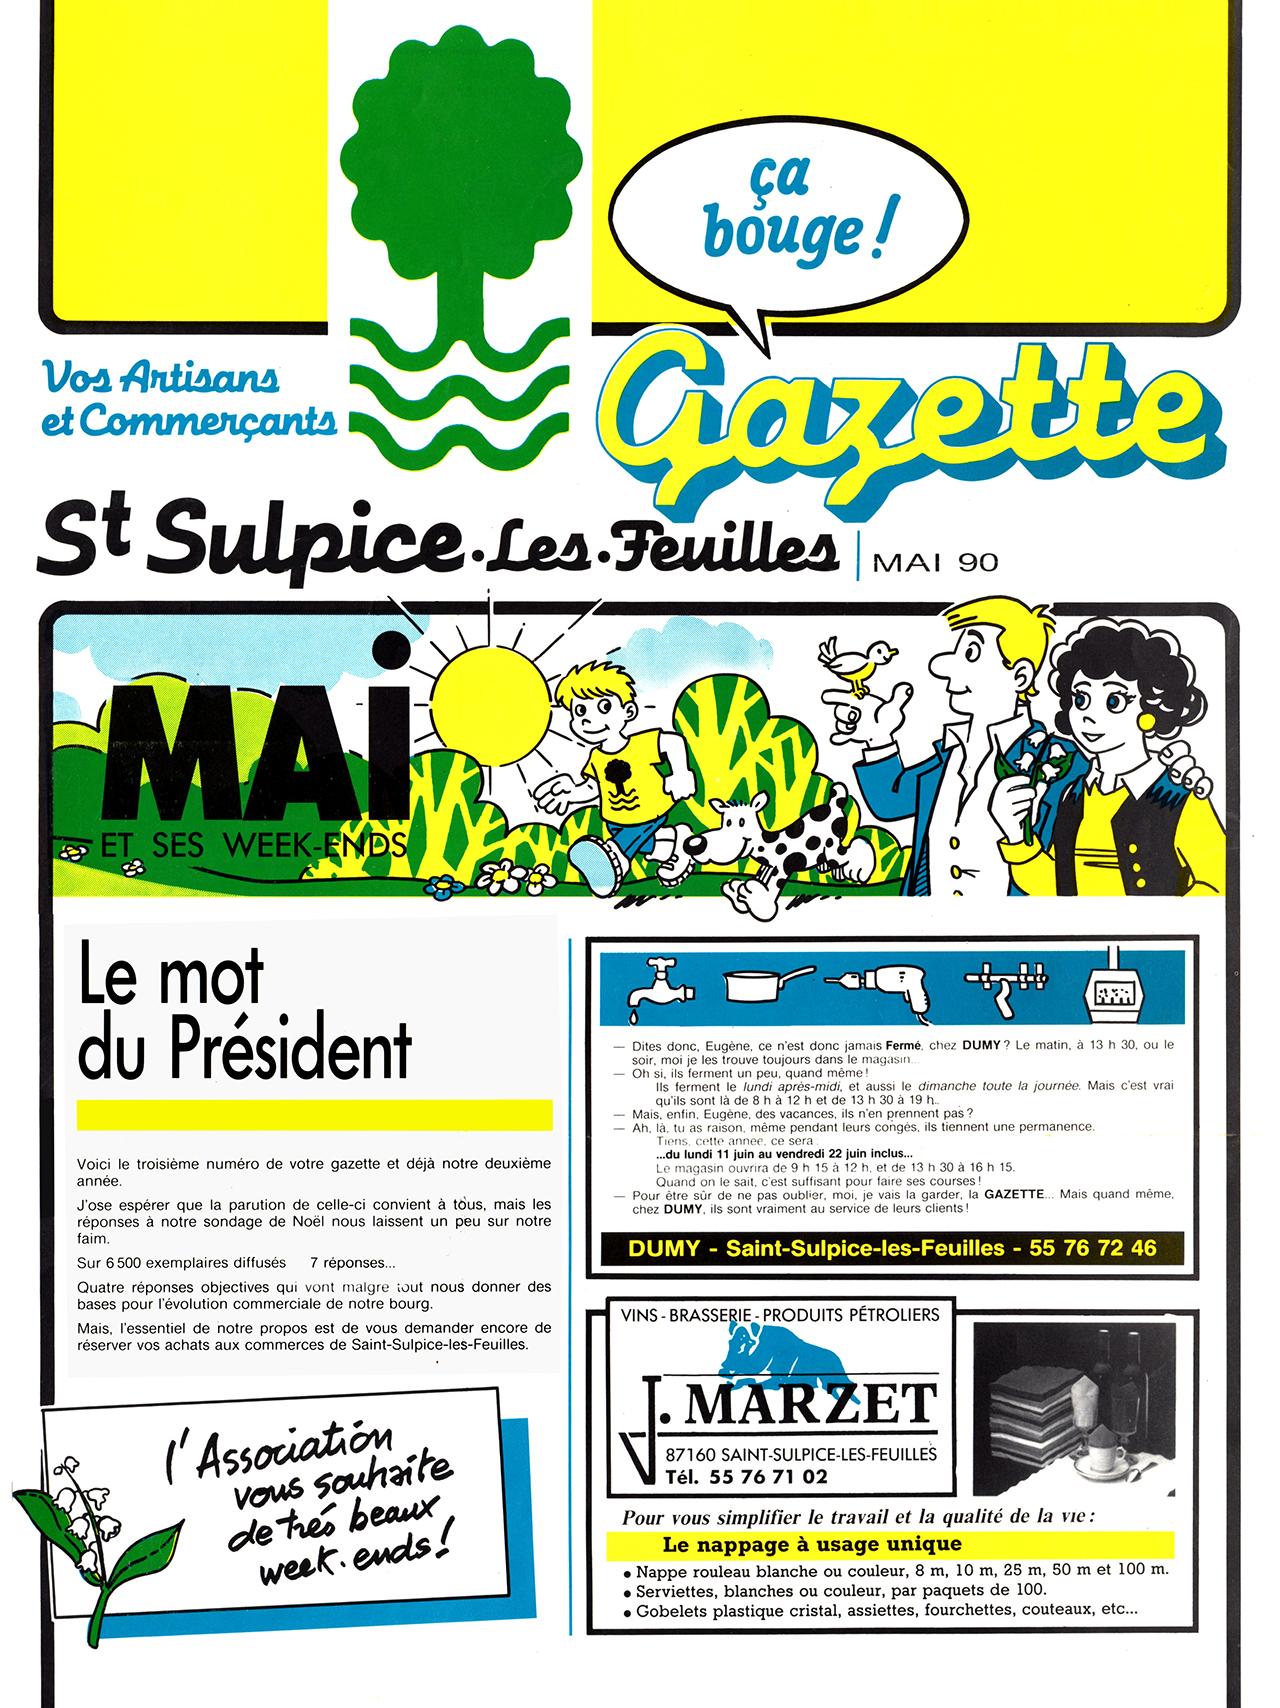 Gazette de Saint-Sulpice-Les-Feuilles-1989-95 numéro 3 Mai 1990